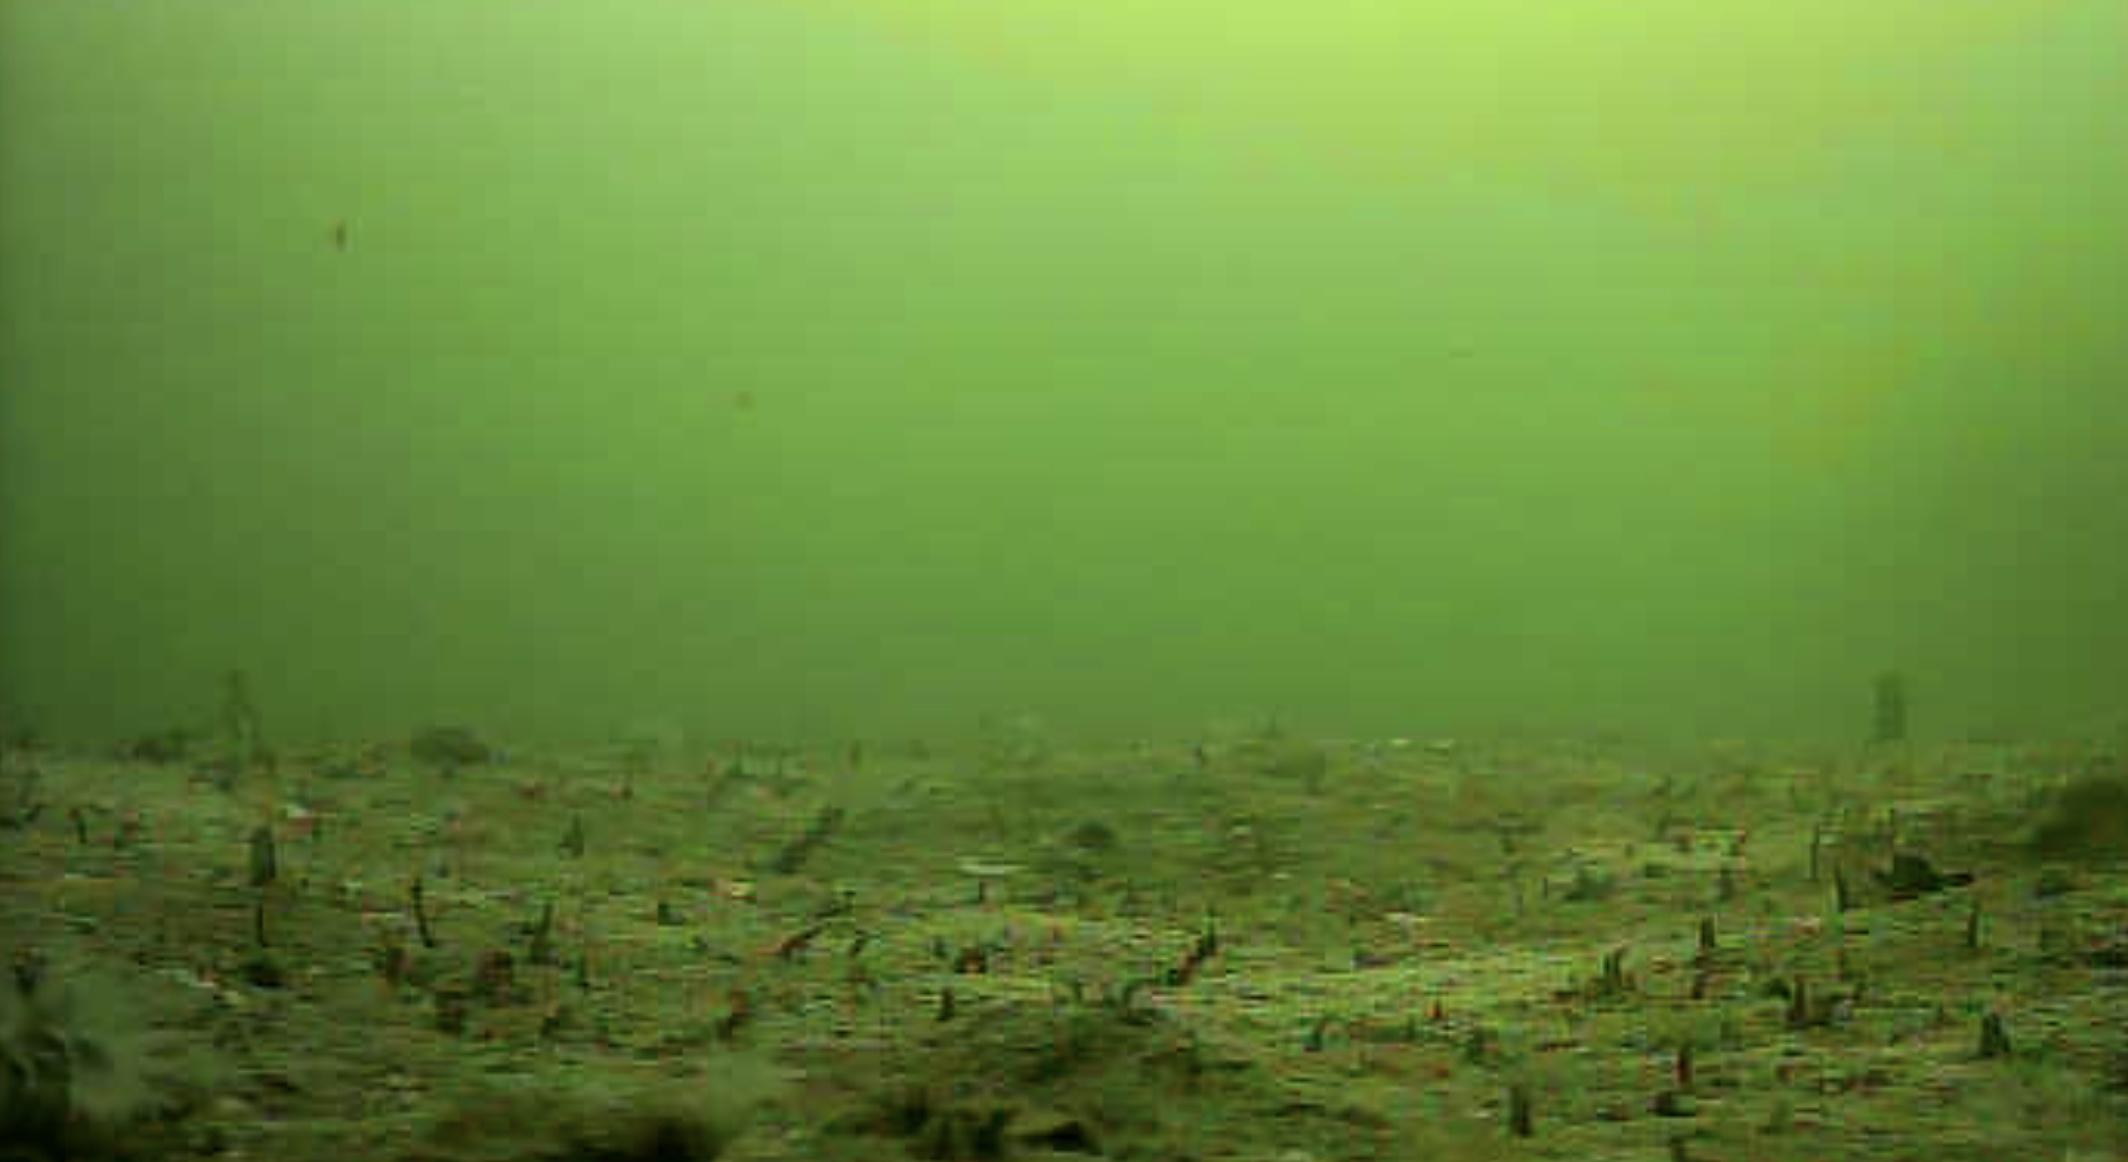 緑が浜エコパーク 水中写真海底